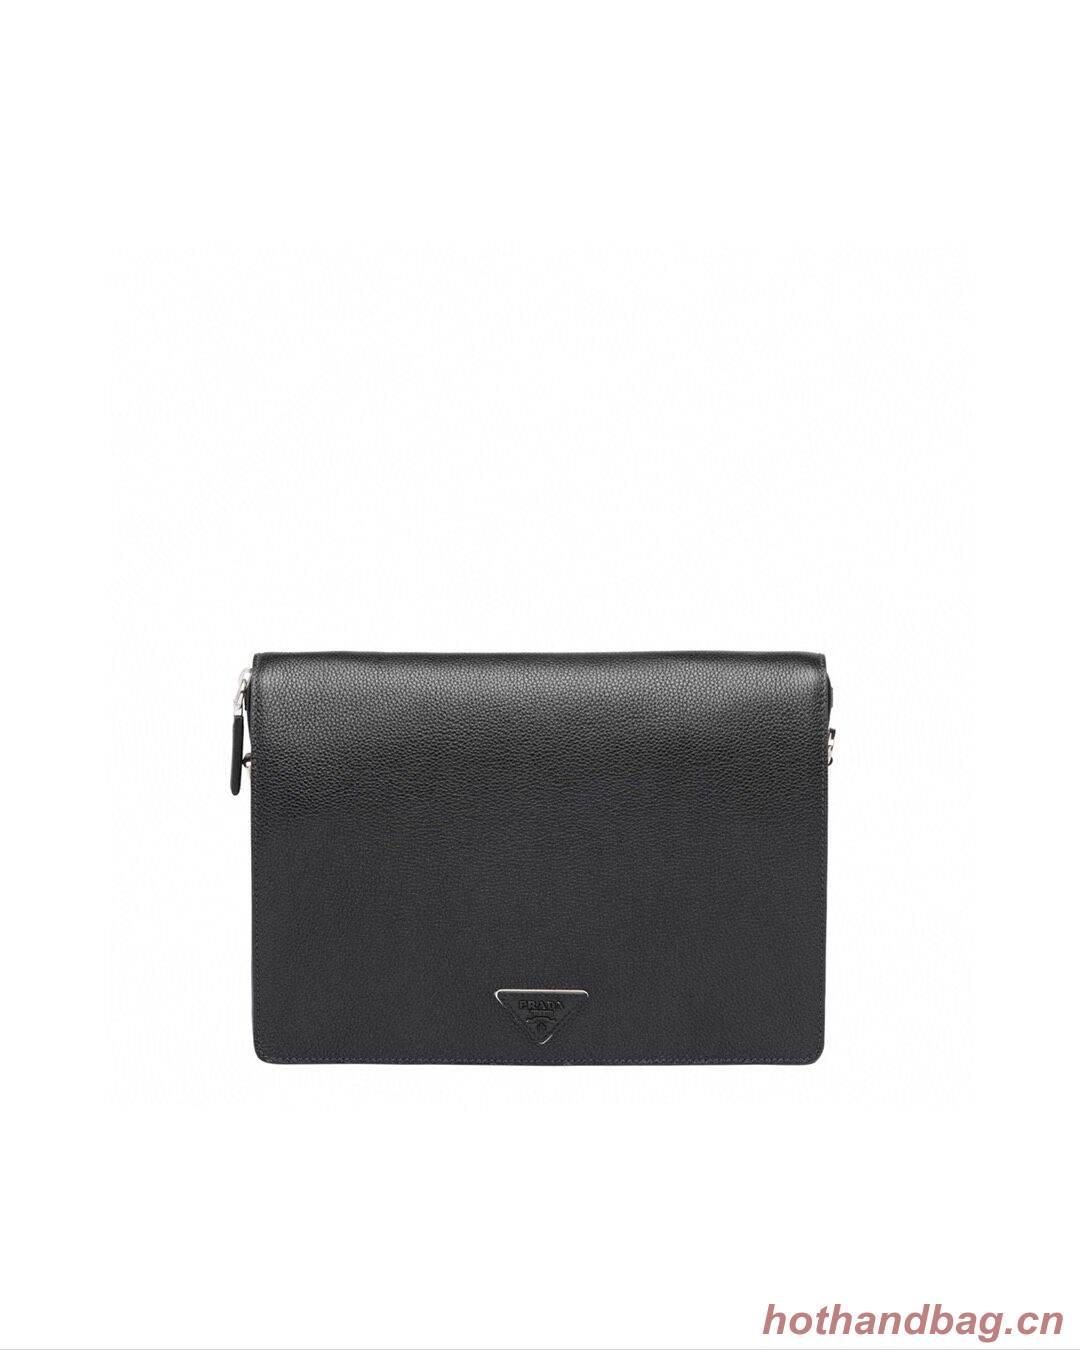 Prada leather shoulder bag 2VD012 black